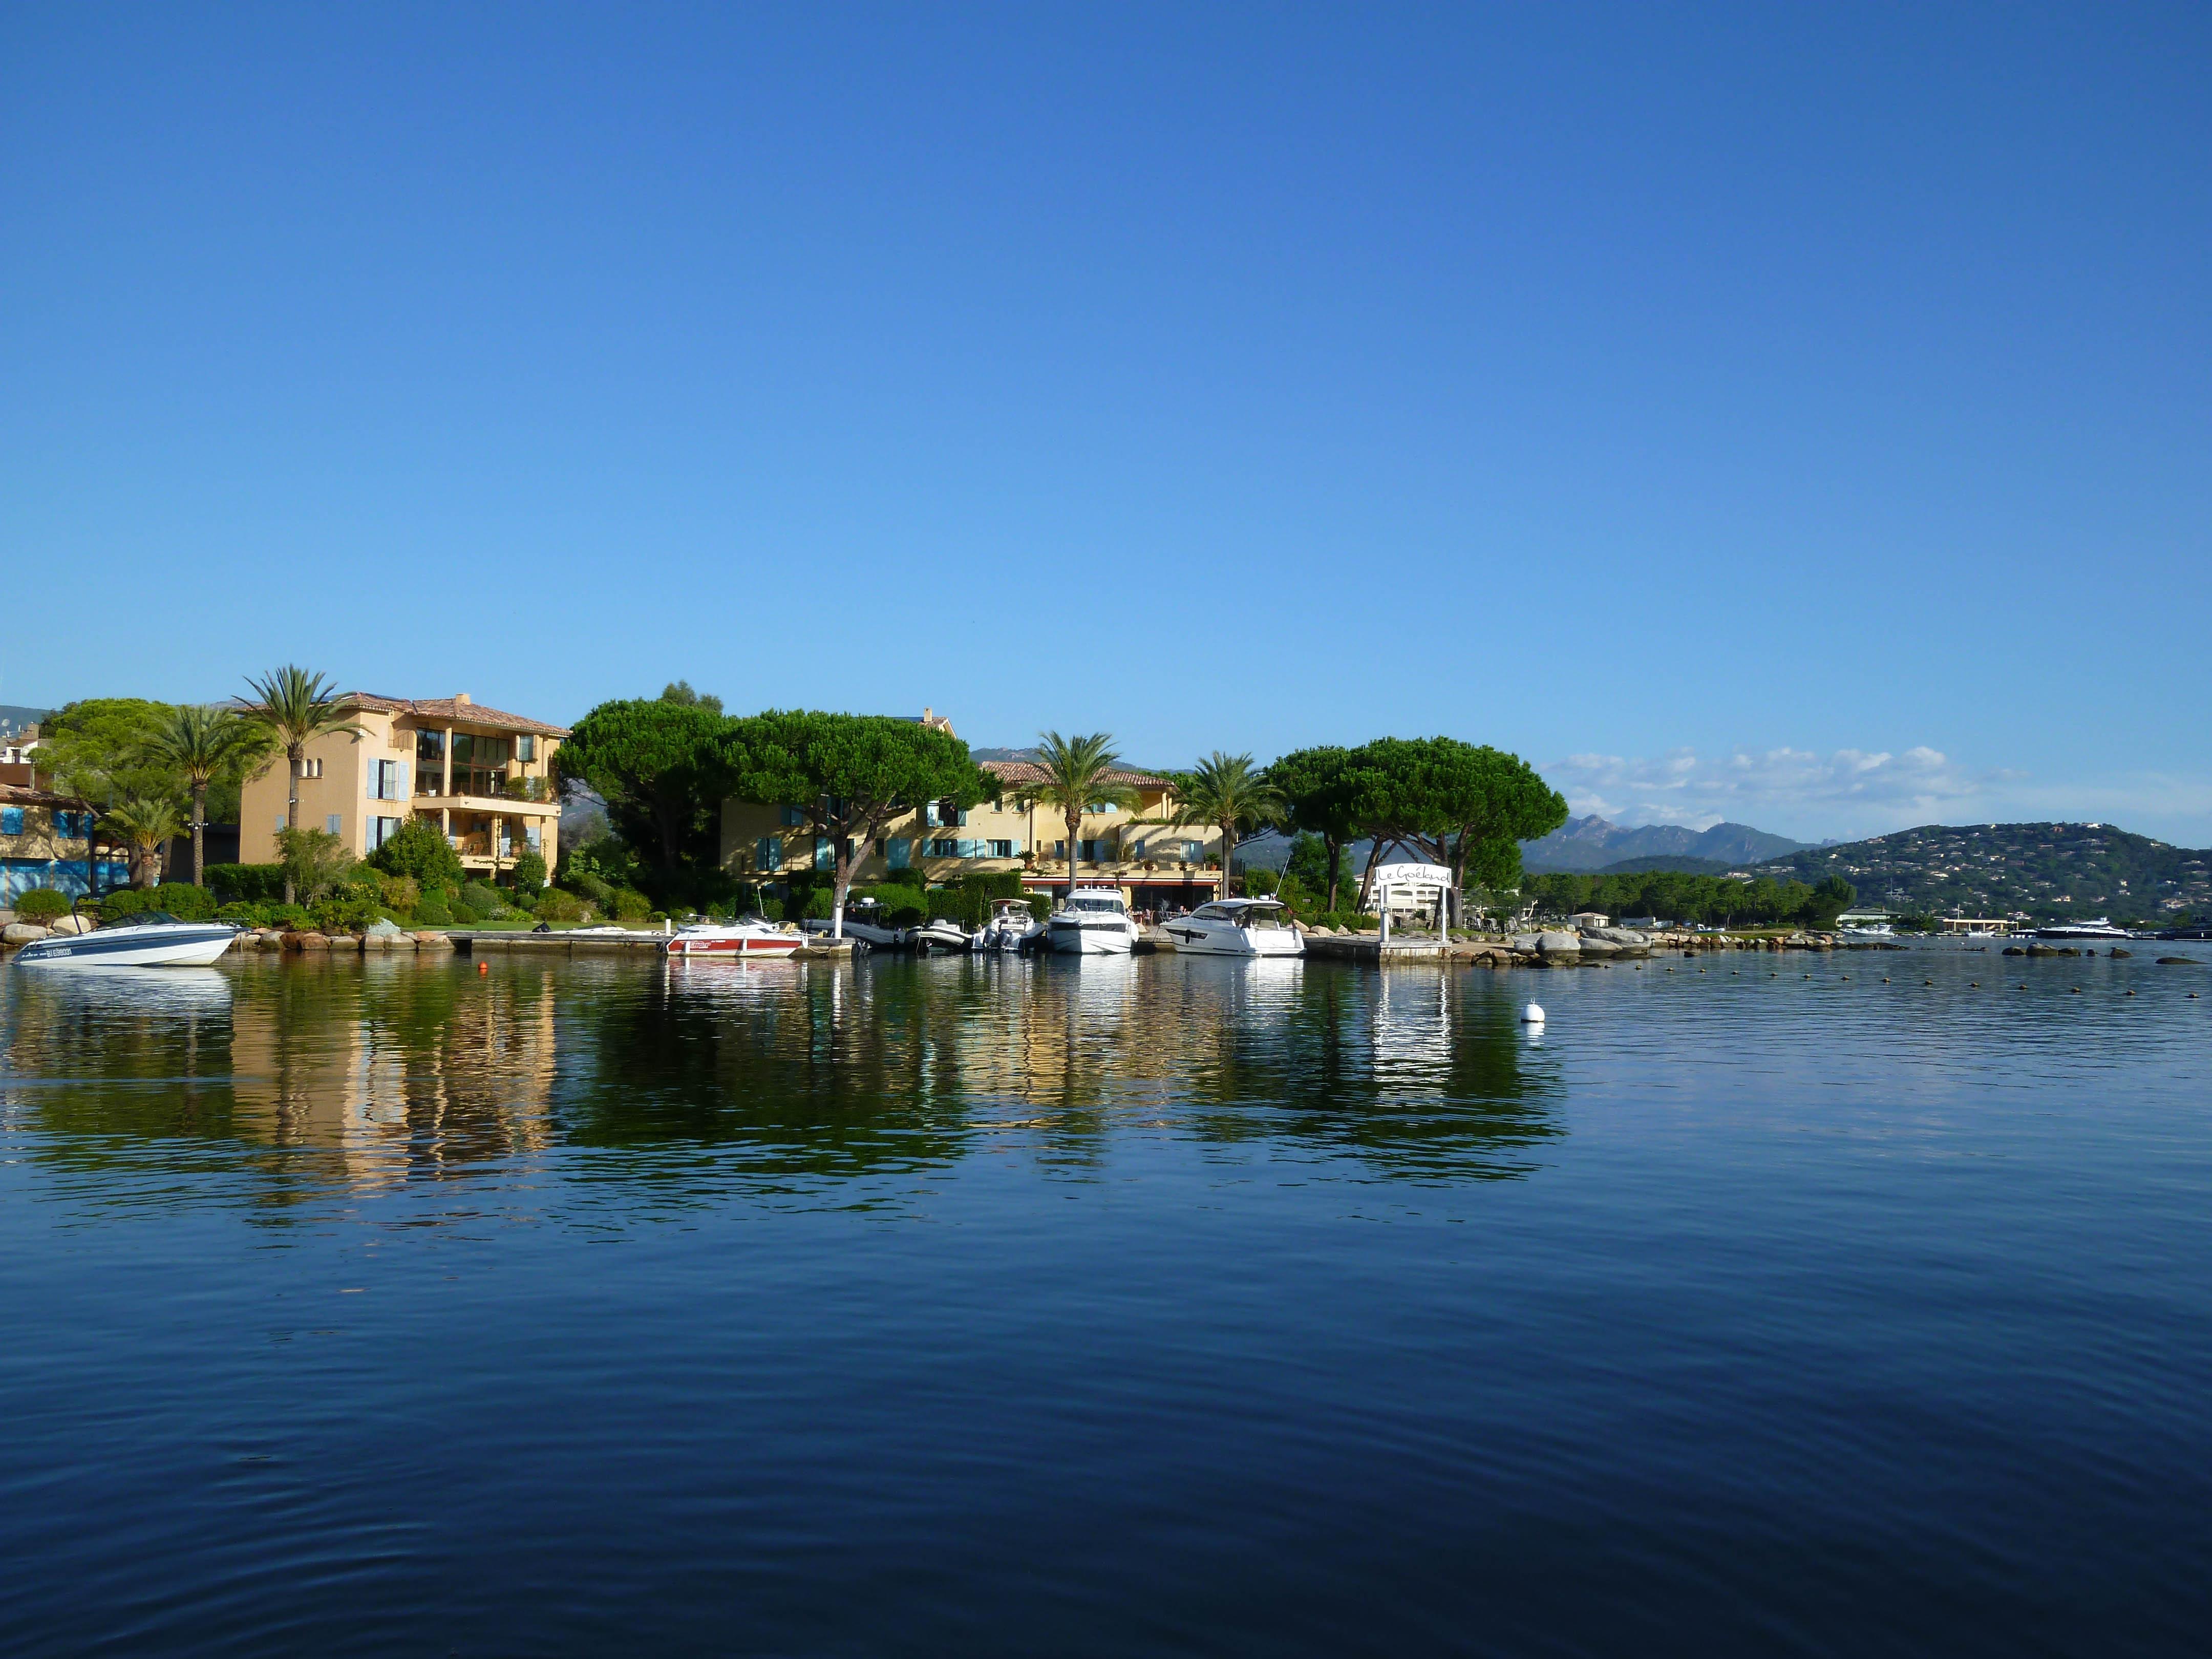 Le go land casa santini h tels porto vecchio sud corse for Hotels porto vecchio